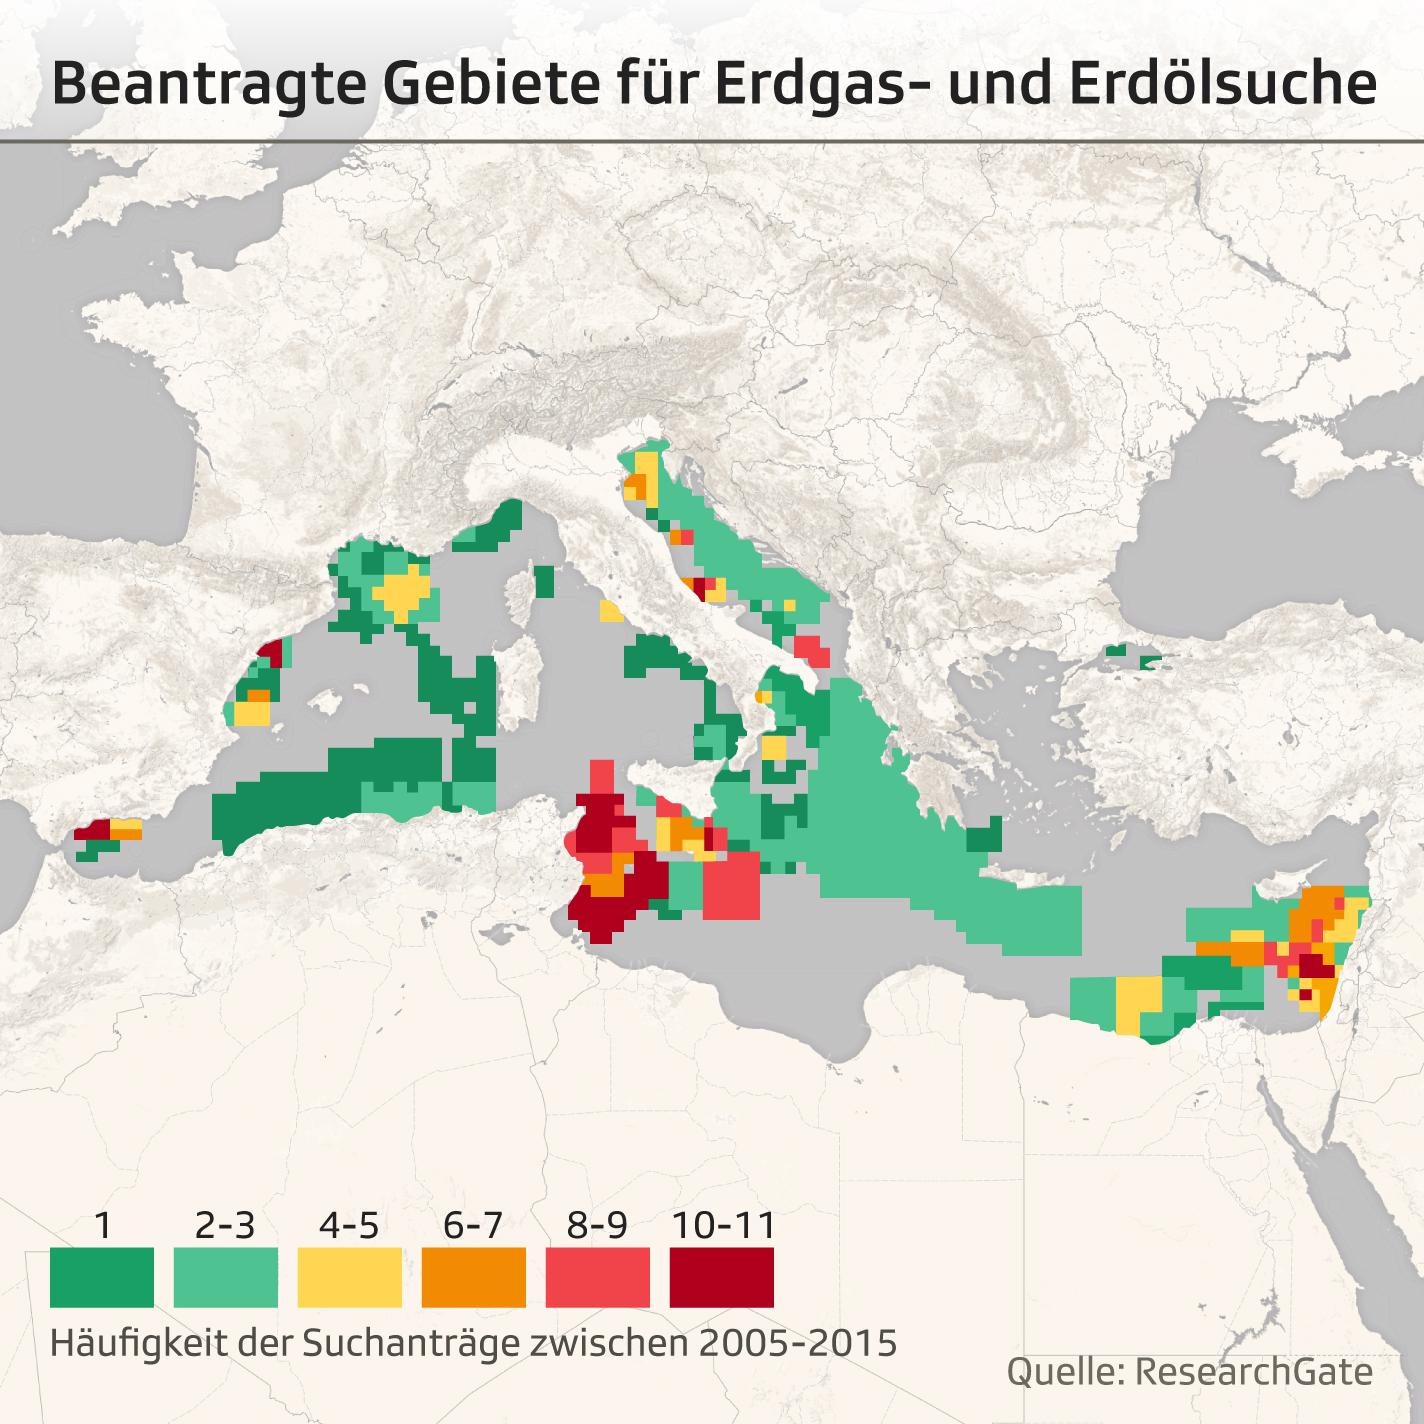 Kartenausschnitt Mittelmeerregion mit Markierung von Erdöl- und Erdgassuchregionen